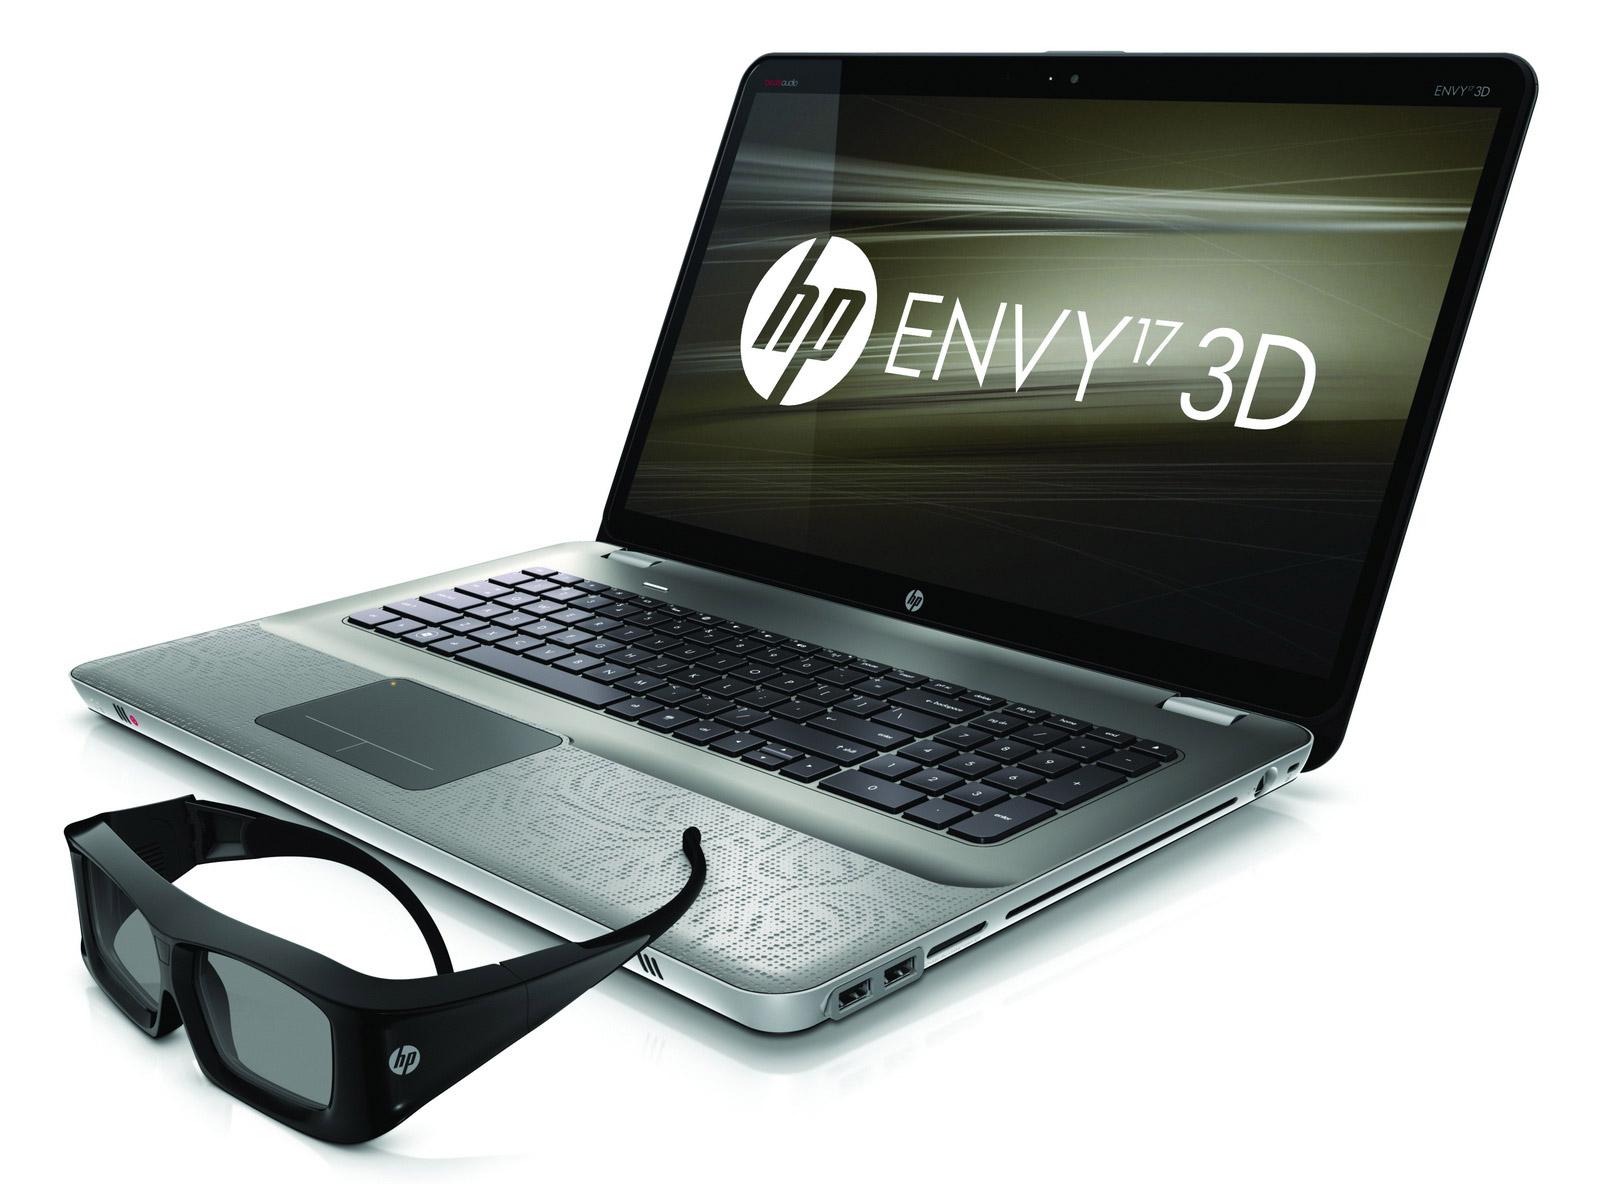 hp envy 17 3d laptop1